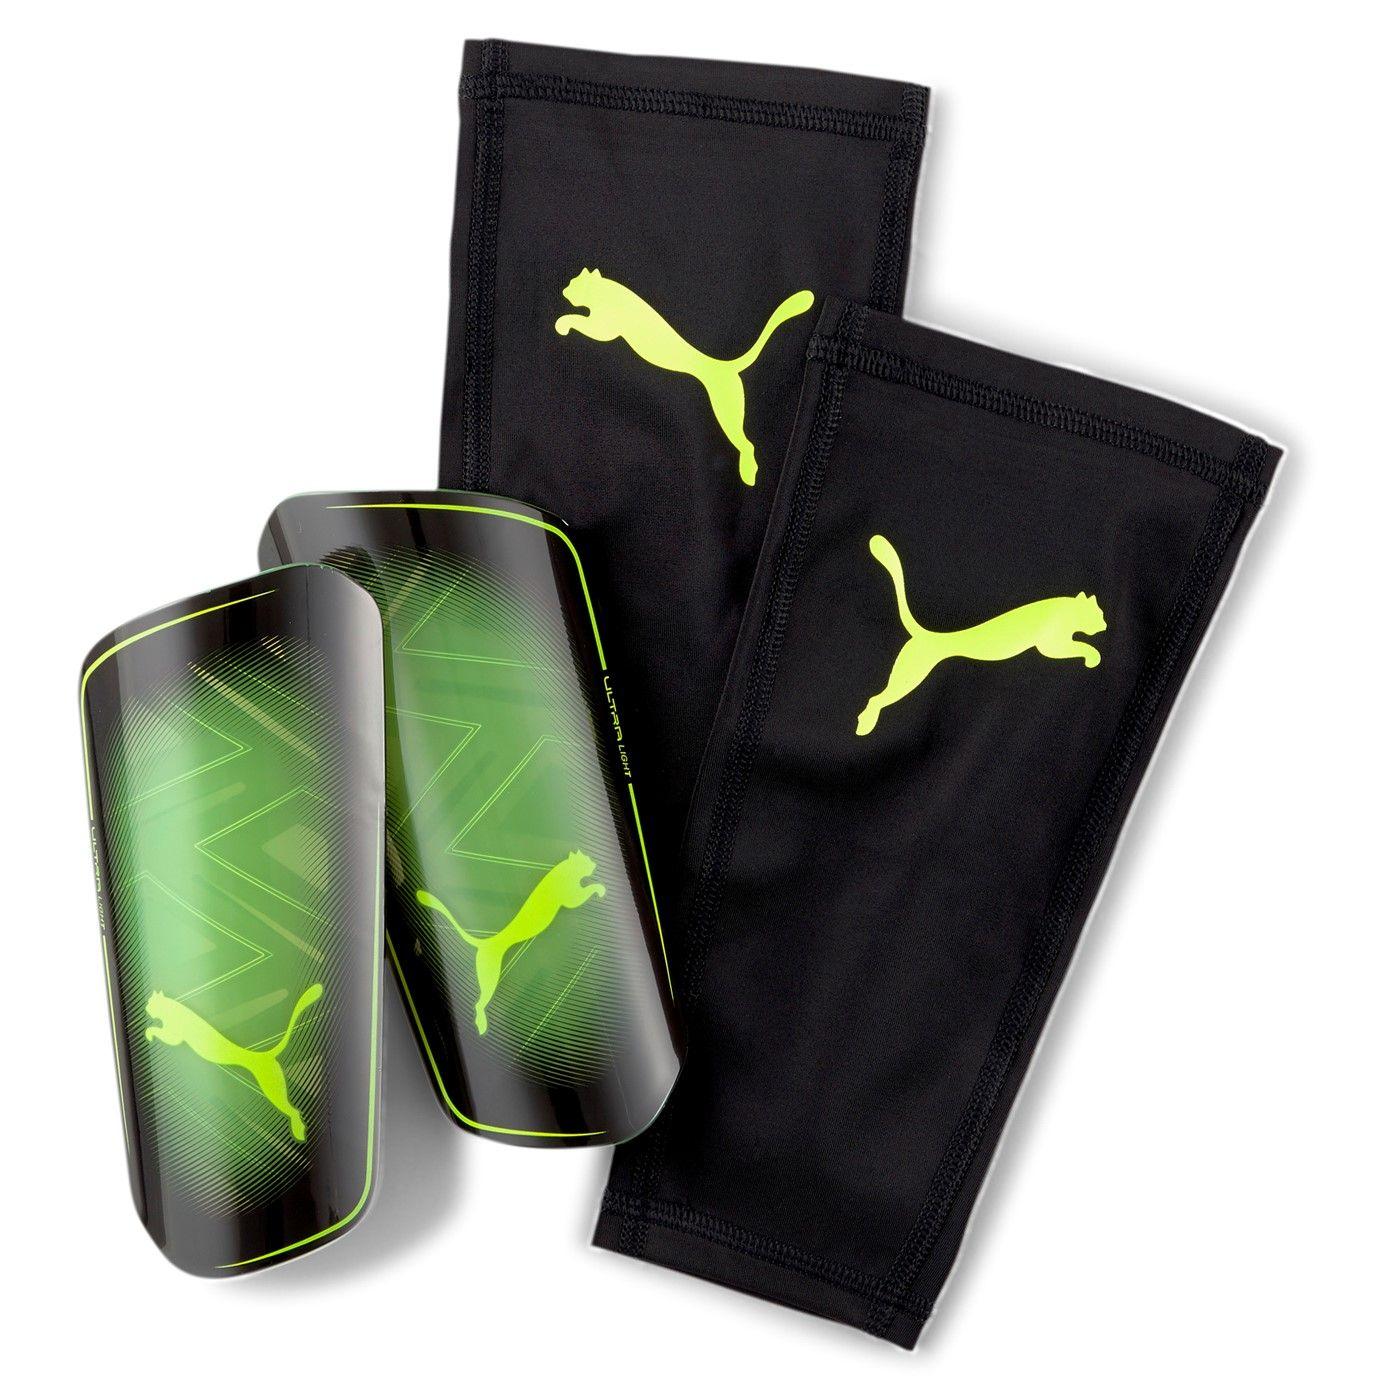 PUMA Ultra Light Scheenbeschermer Zwart Geel Groen